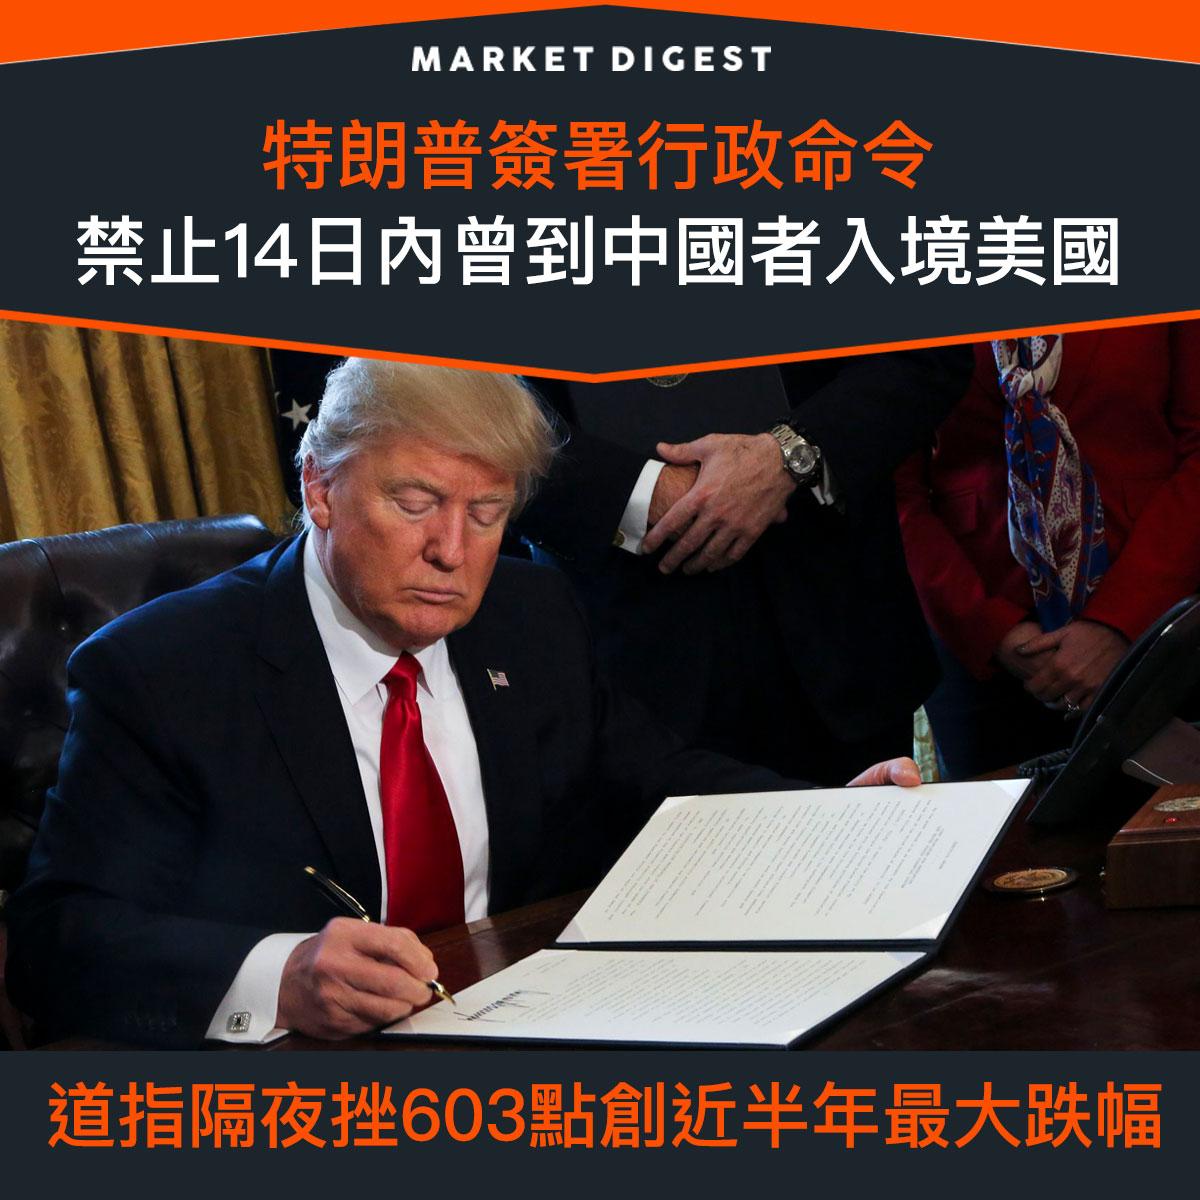 【武漢肺炎】特朗普簽署行政命令,禁止14日內曾到中國者入境美國